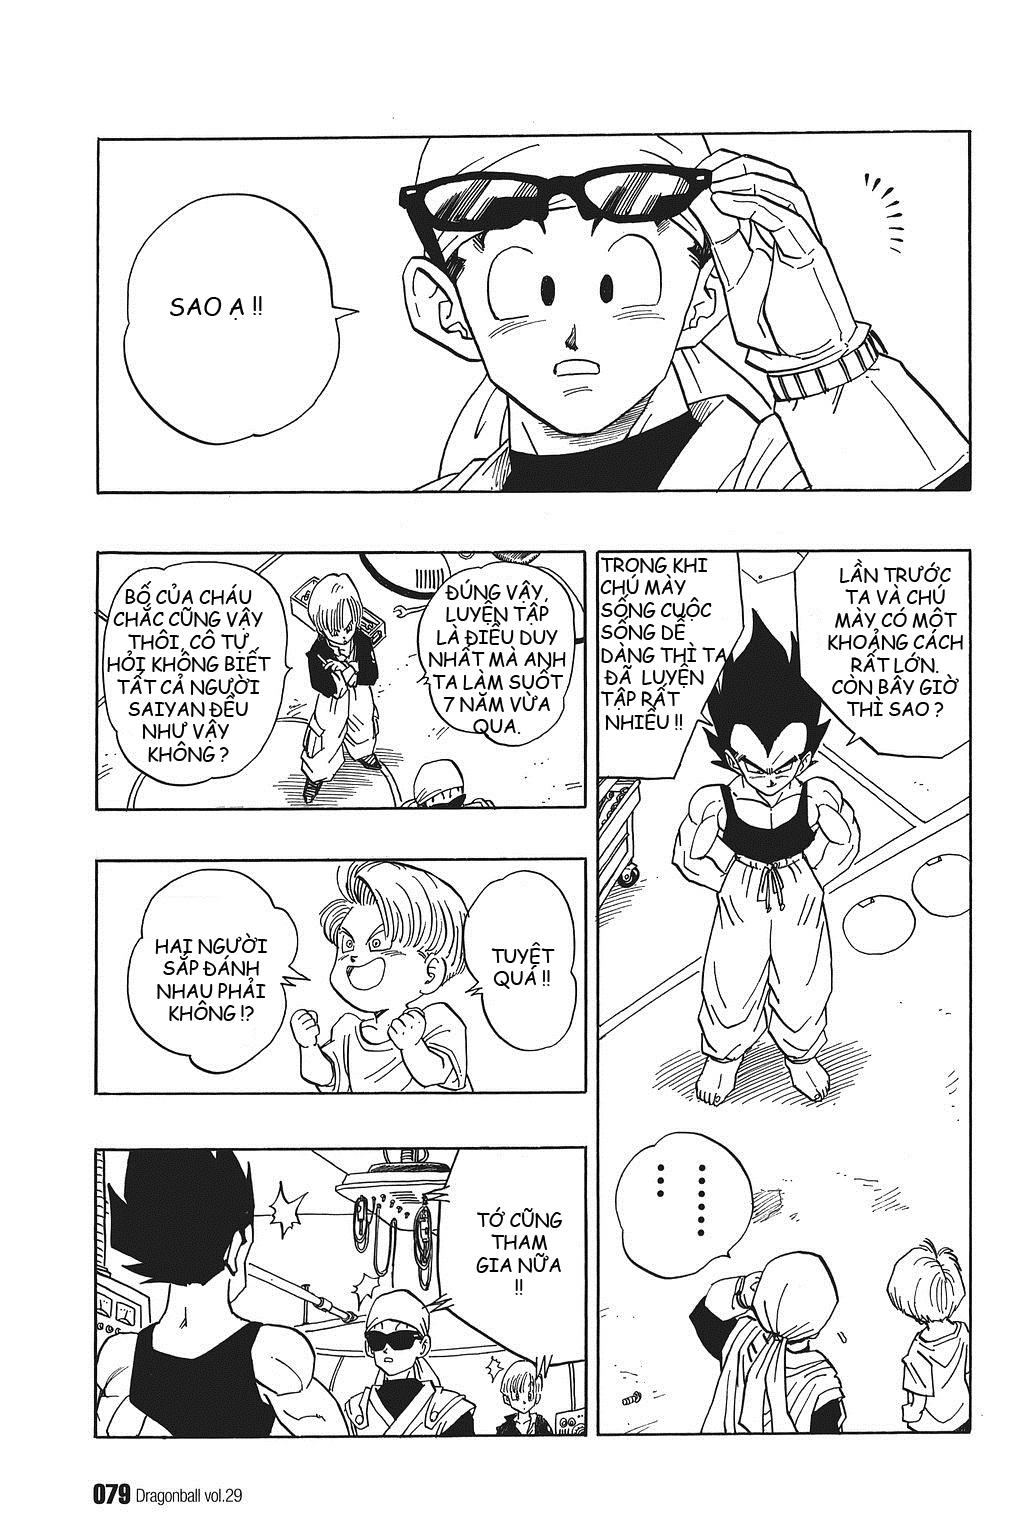 xem truyen moi - Dragon Ball Bản Vip - Bản Đẹp Nguyên Gốc Chap 426